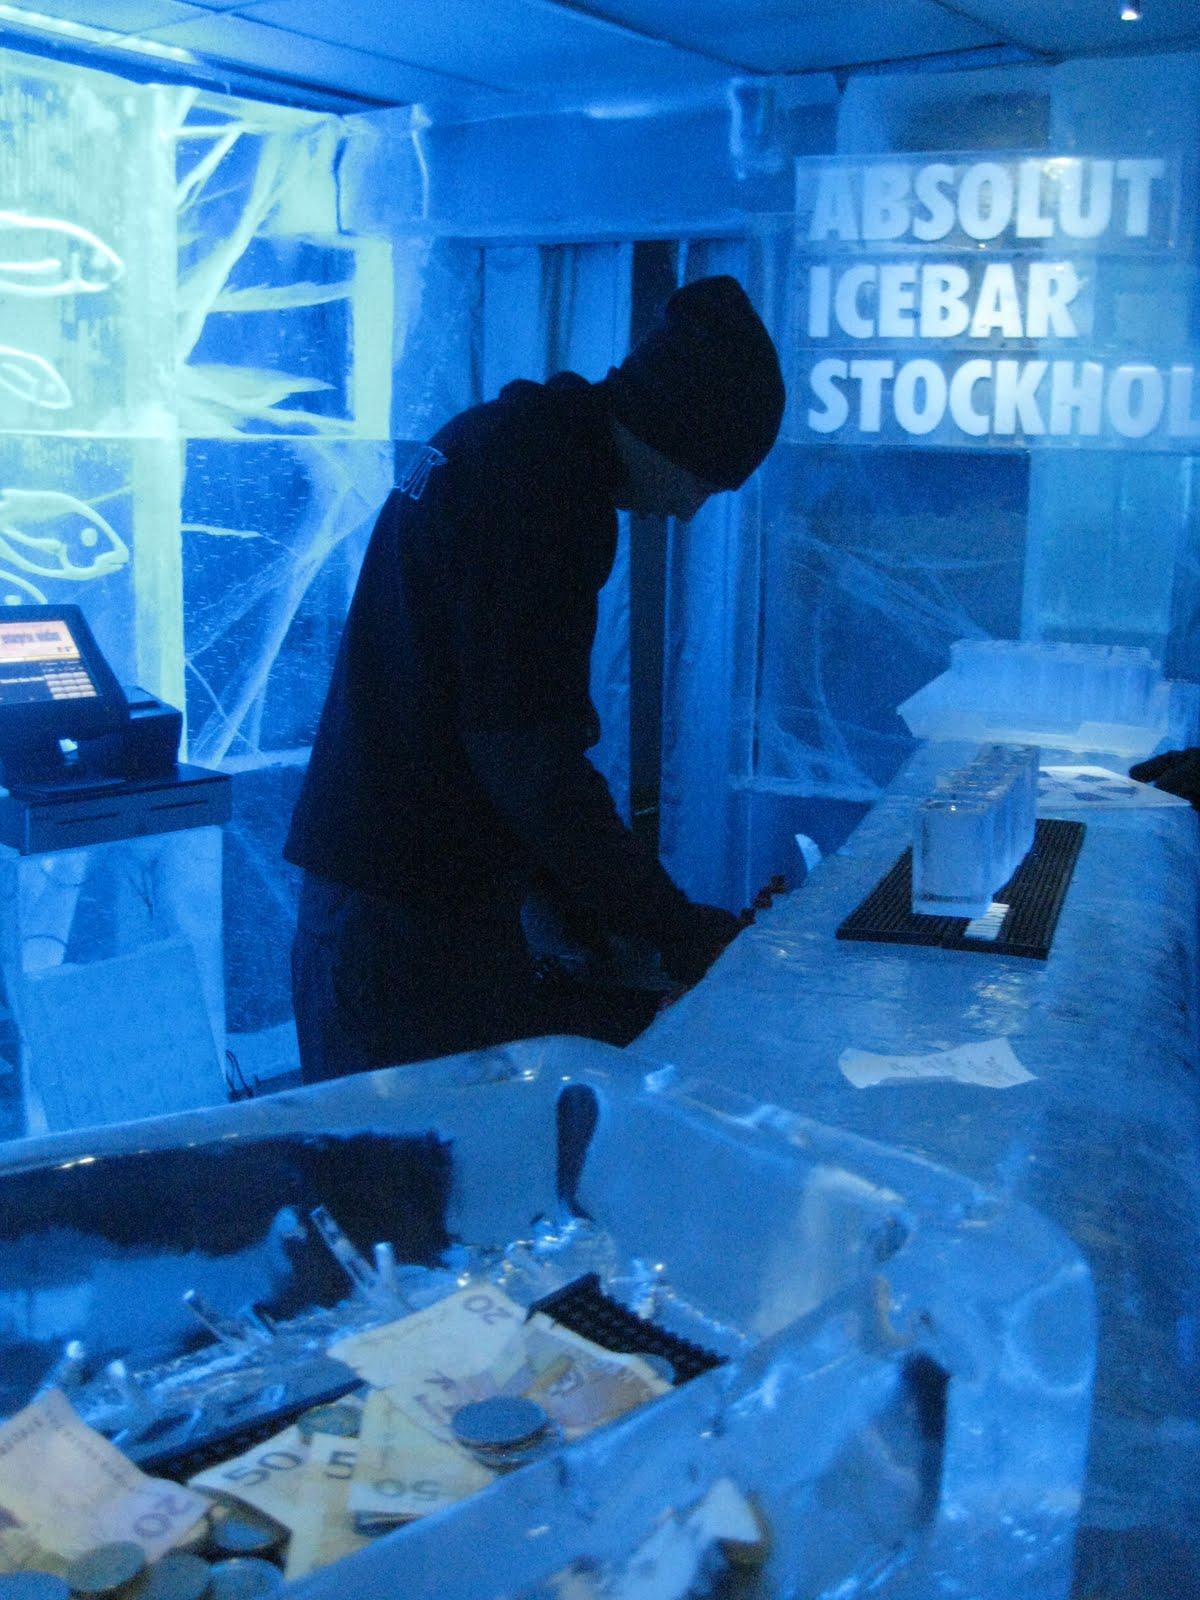 Absolut Icebar de Estocolmo, foto: Planeta Sorprendente